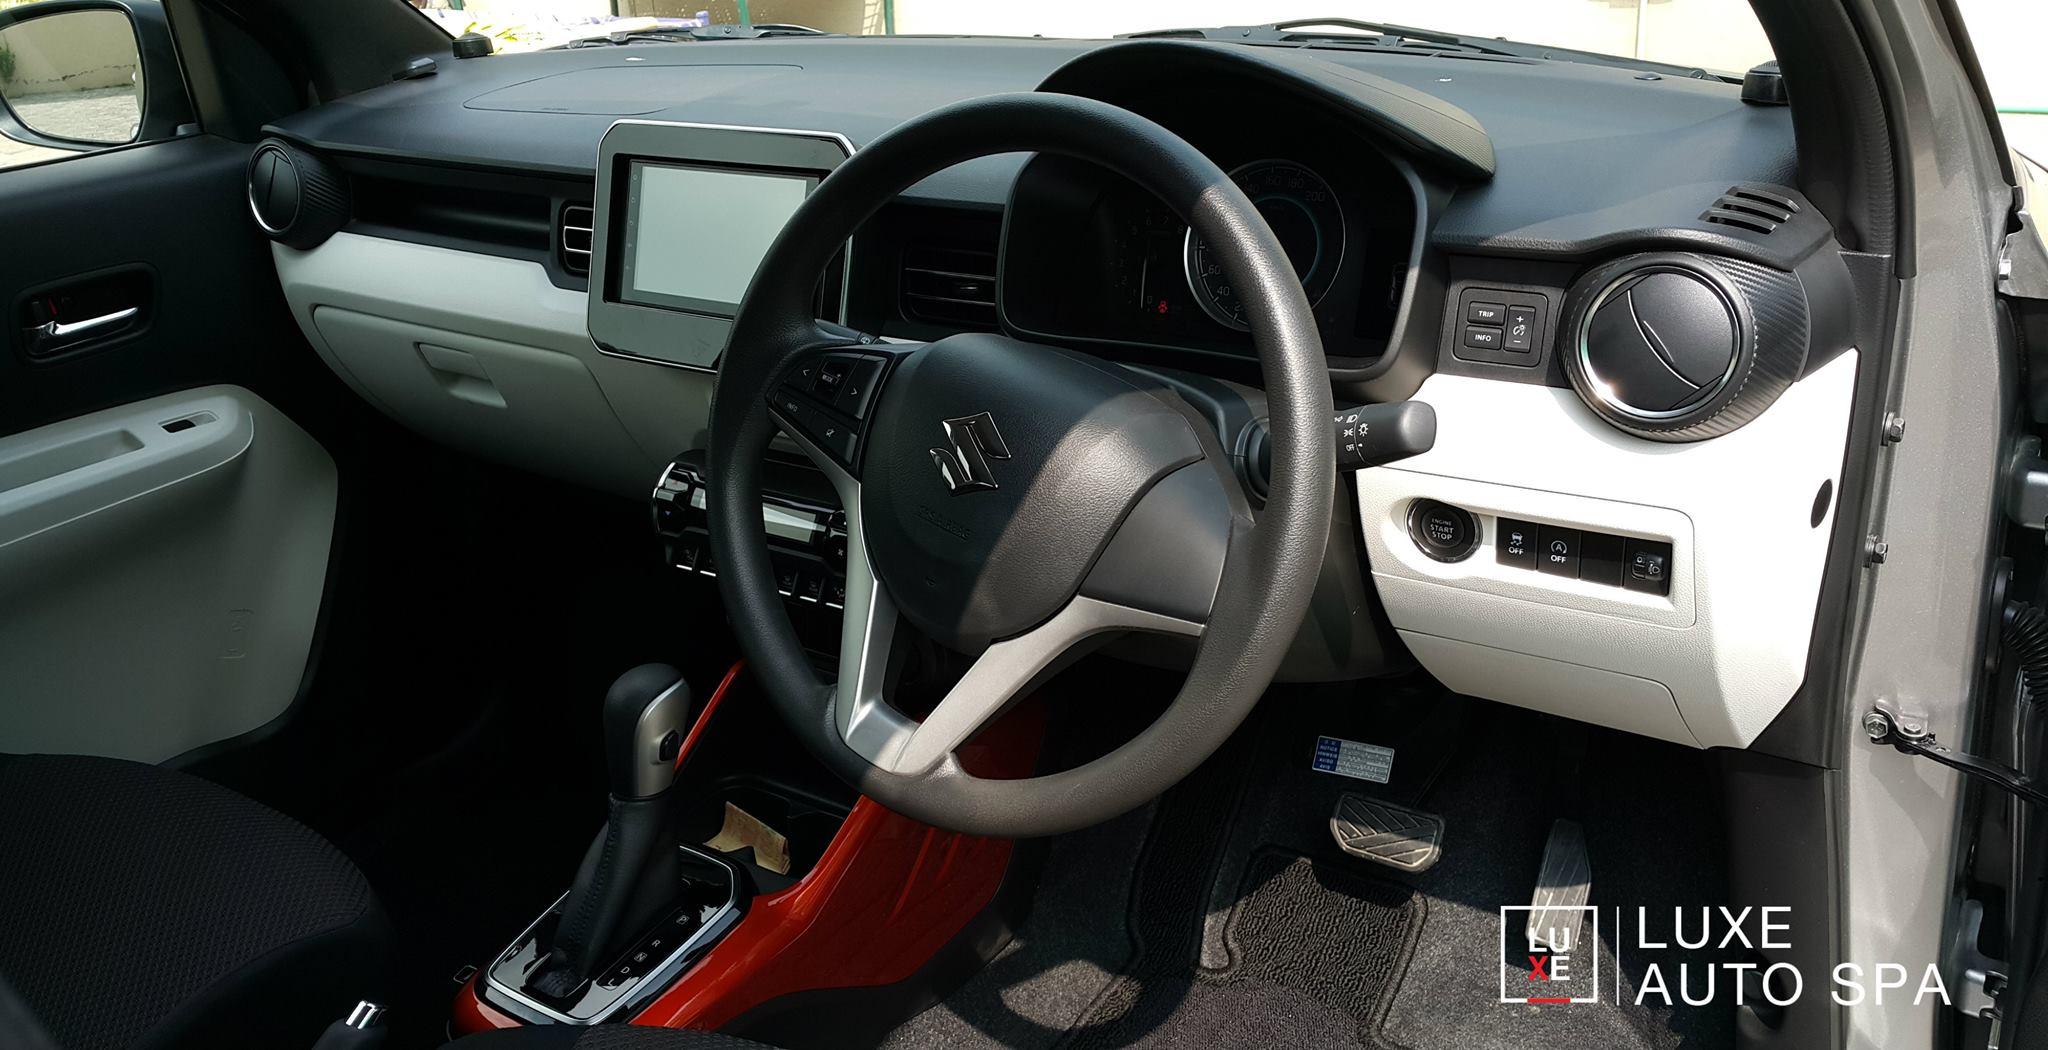 Suzuki Ignis Hybrid 2016 (14)